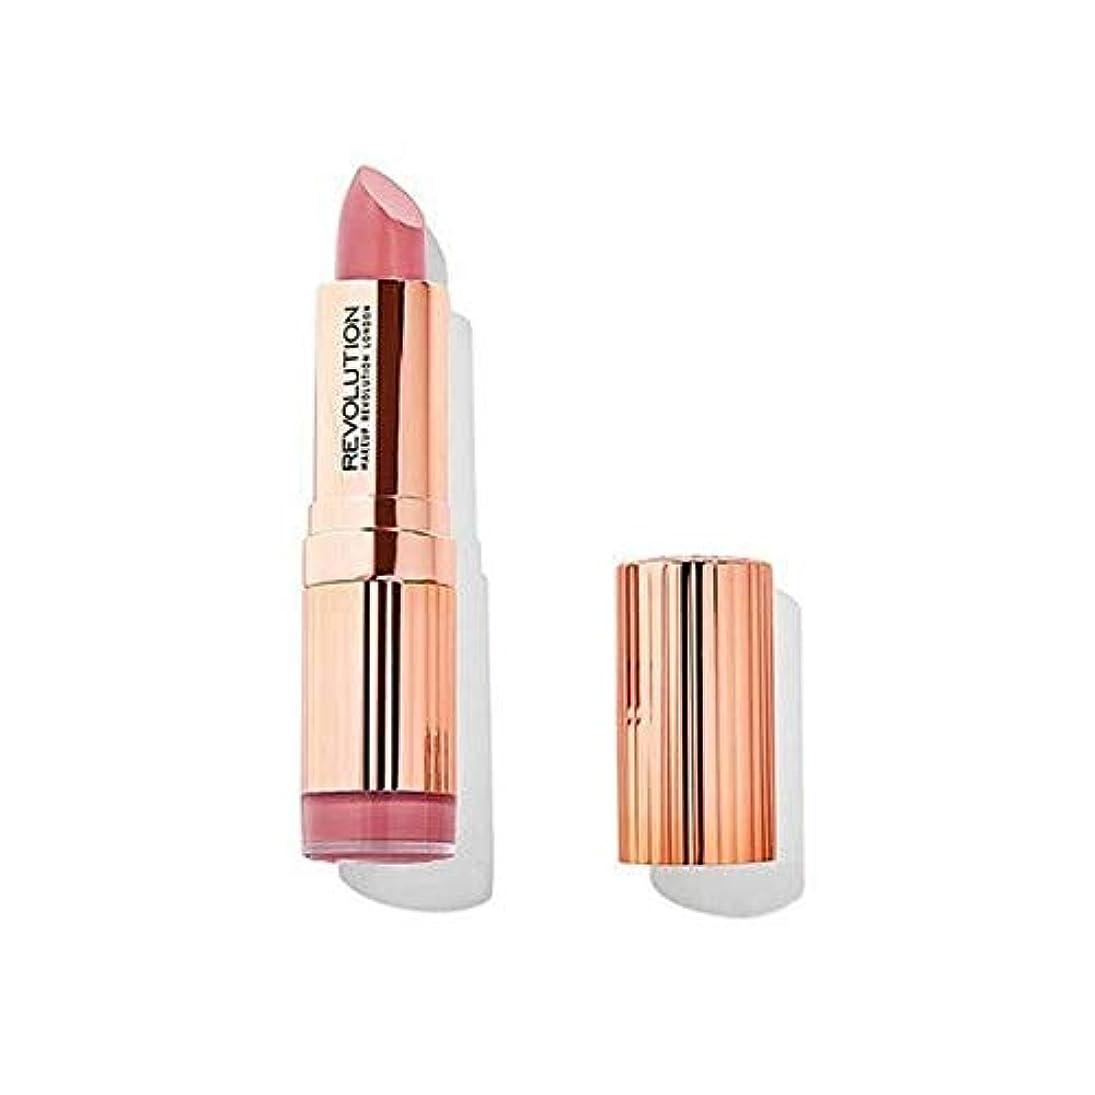 強い絶滅ユニークな[Revolution ] ブレンド革命のルネサンス口紅 - Revolution Renaissance Lipstick Blended [並行輸入品]